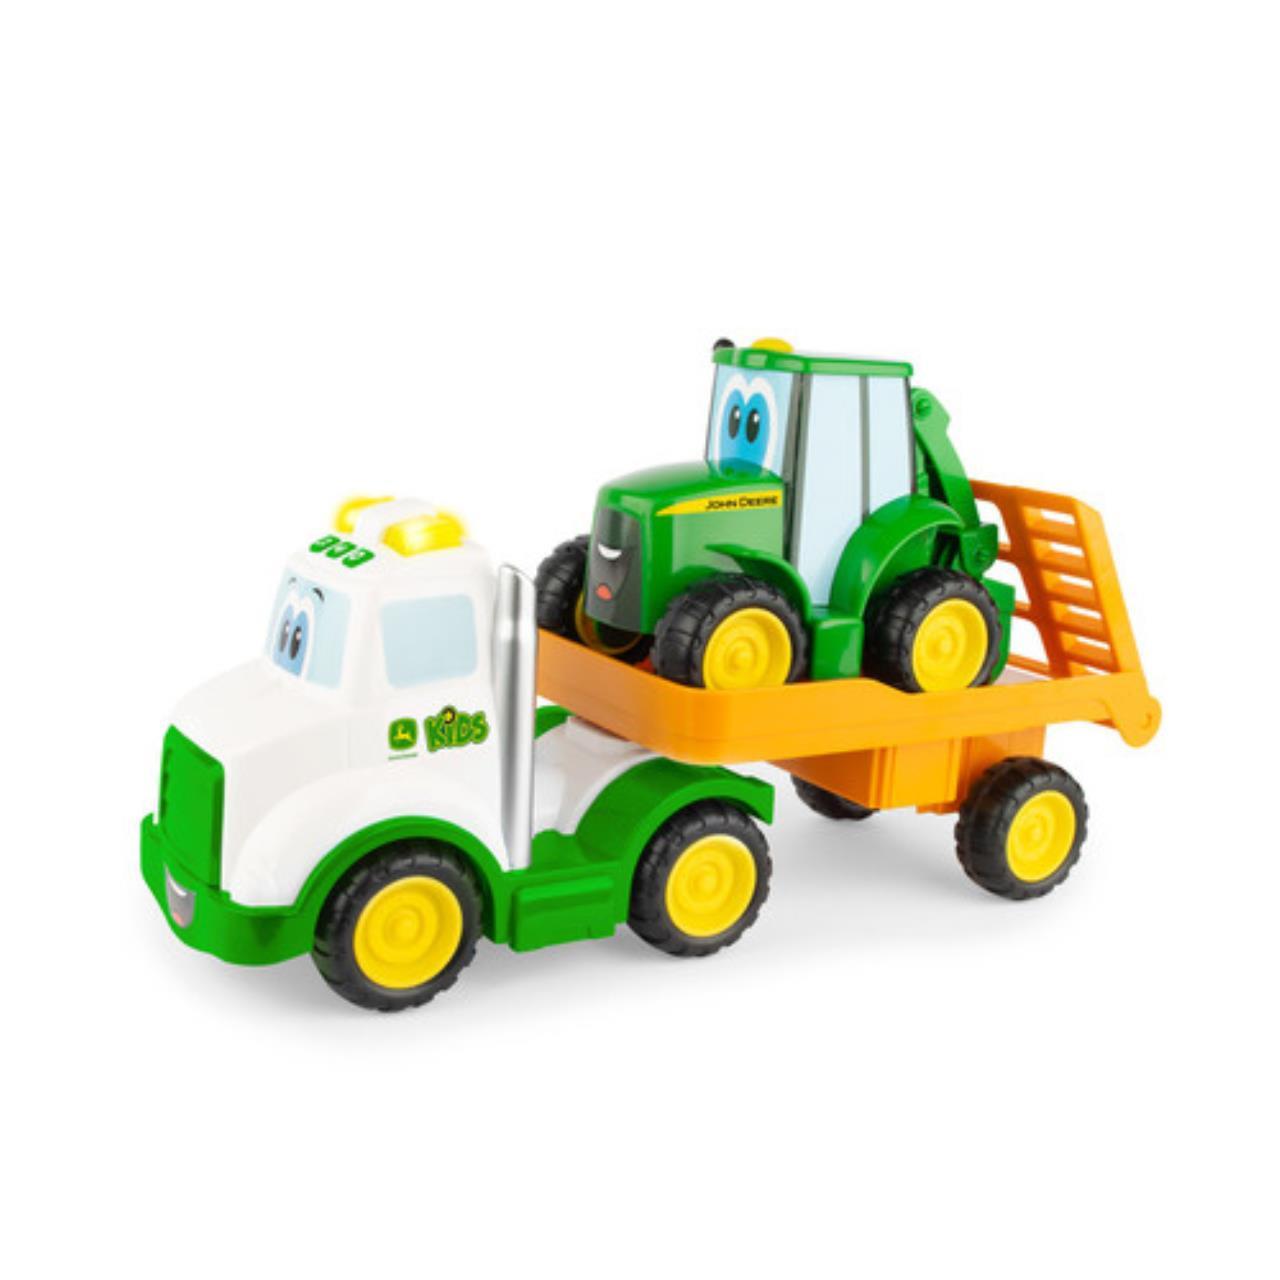 John Deere Traktor m/Lastbil m.lyd